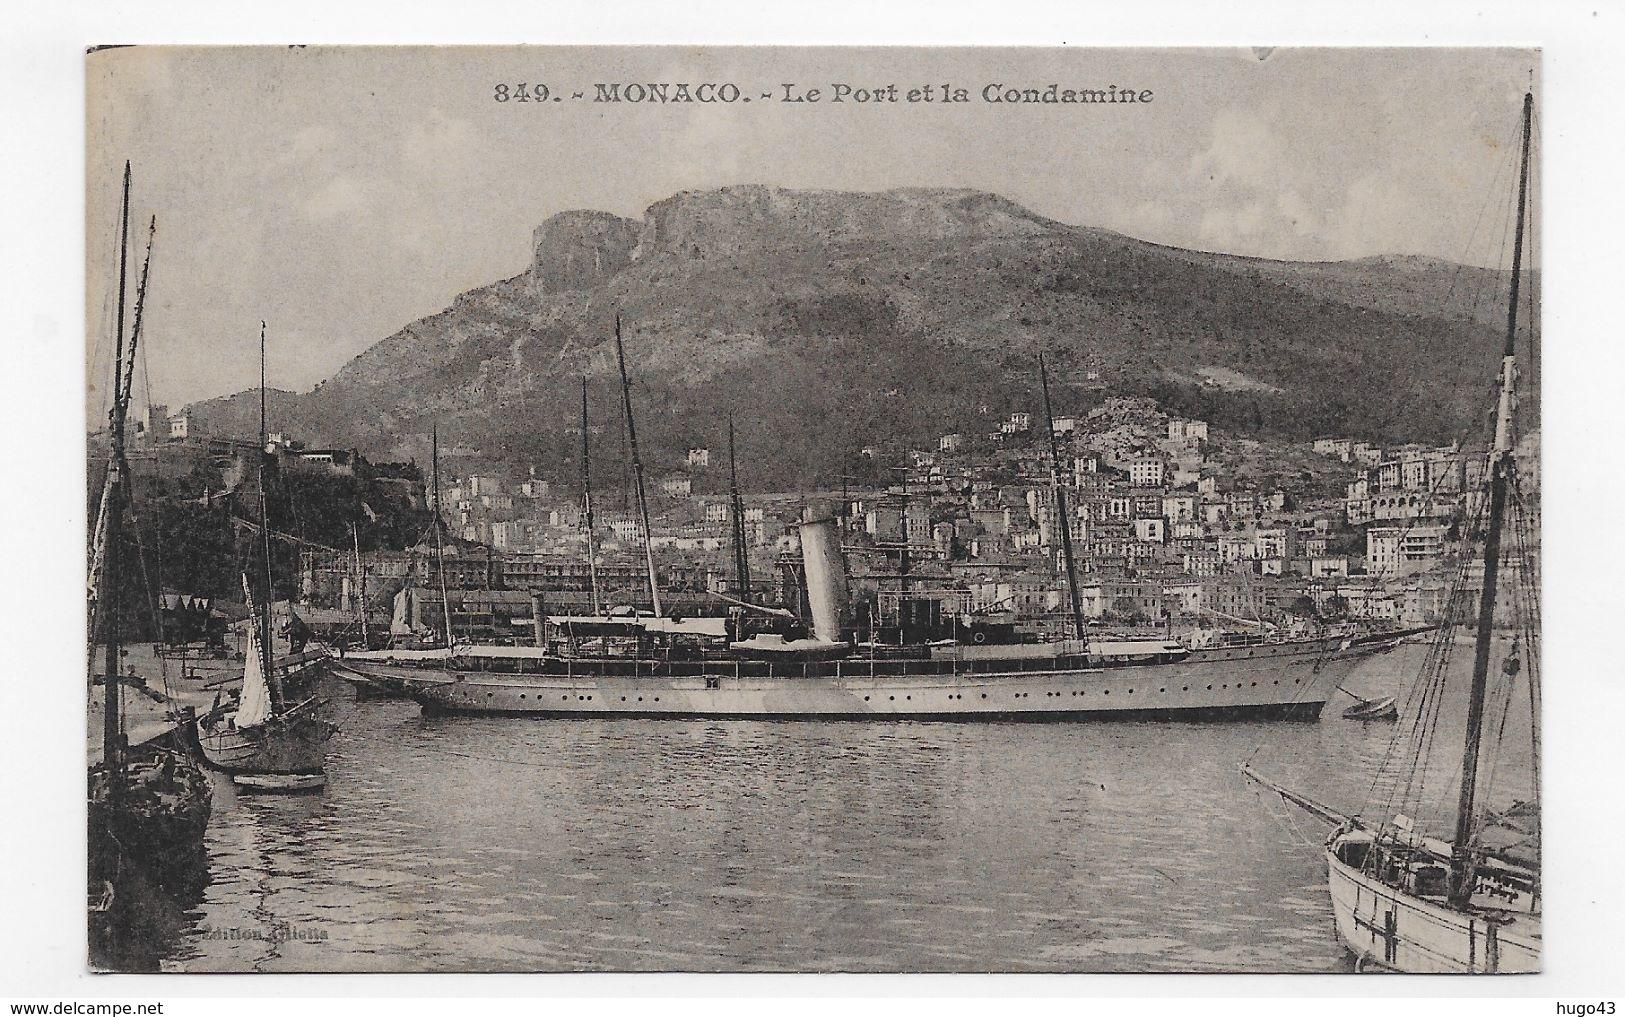 MONACO - N° 849 - LE PORT ET LA CONDAMINE AVEC SUPERBE BATEAU - CPA NON VOYAGEE - Puerto